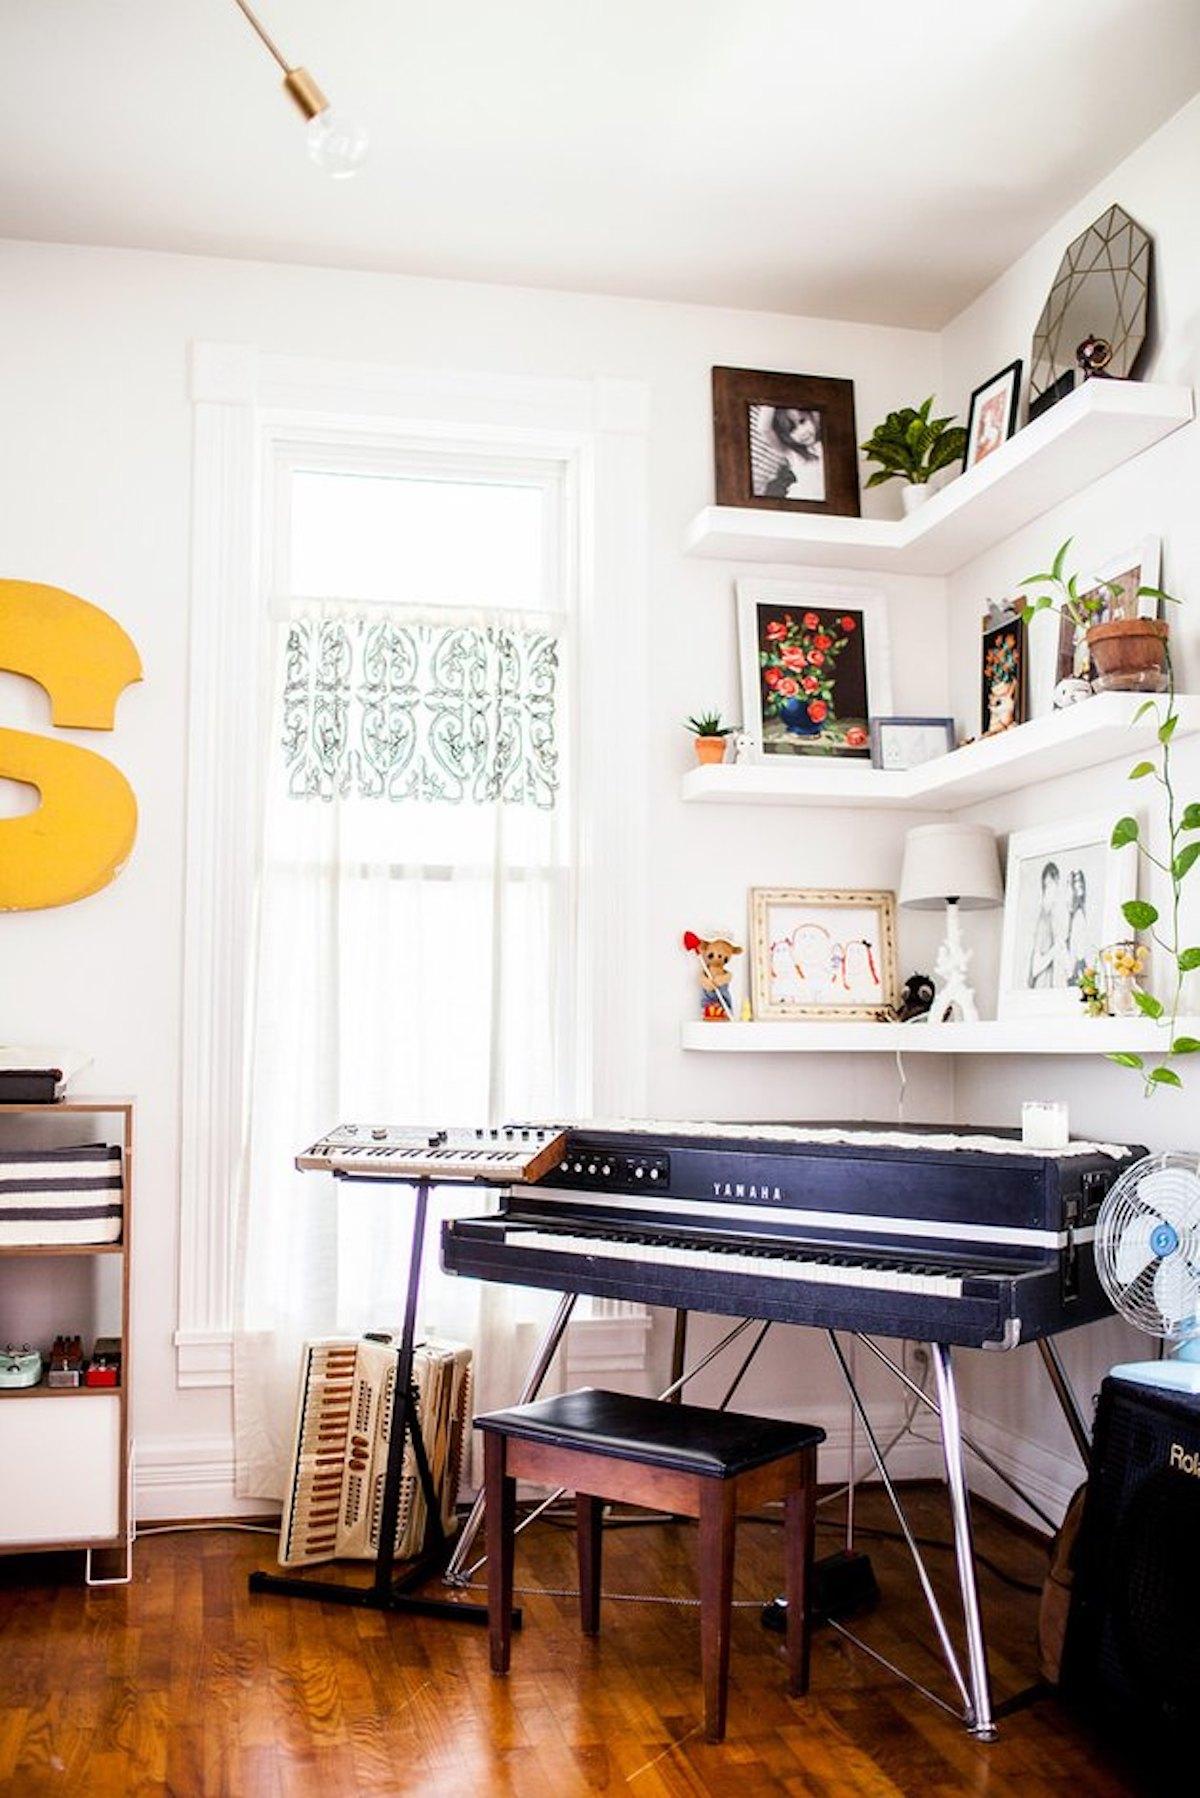 Sala de música com estante de canto de corda com quadros e enfeites lindos